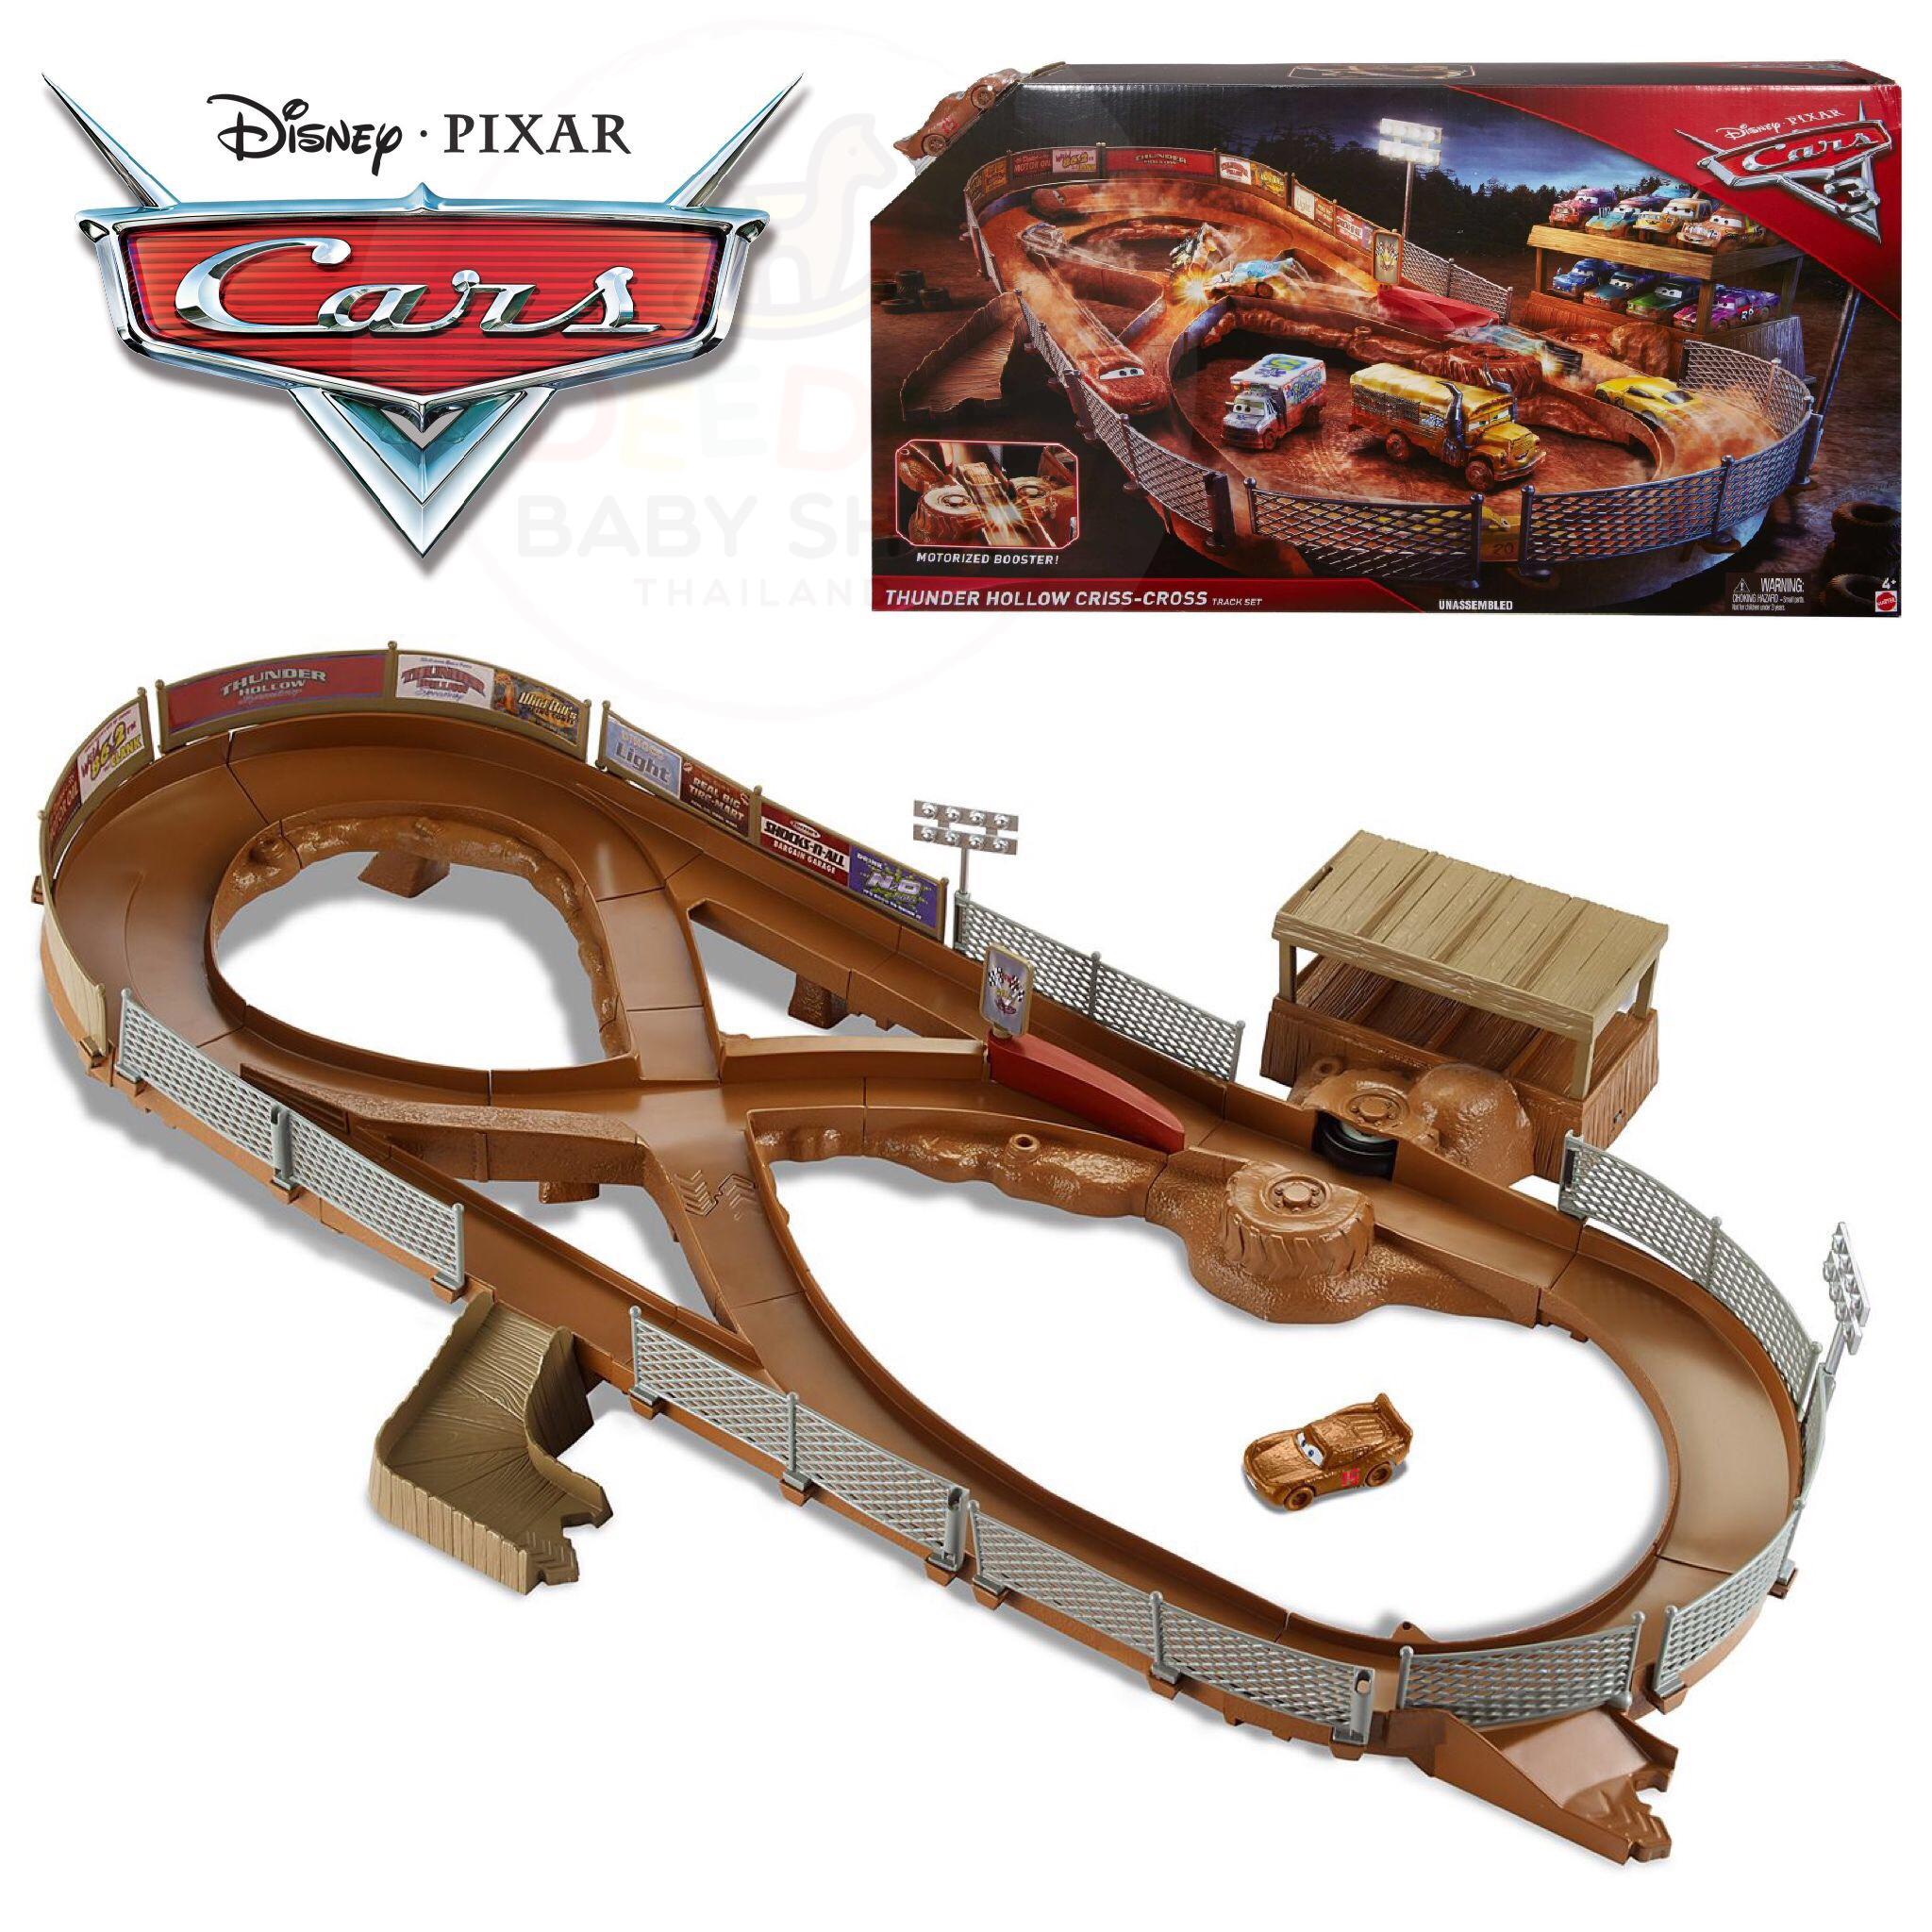 ชุดสนามแข่งรถจำลอง Mattel Disney Pixar Cars 3 Thunder Hollow Criss-Cross Track Set